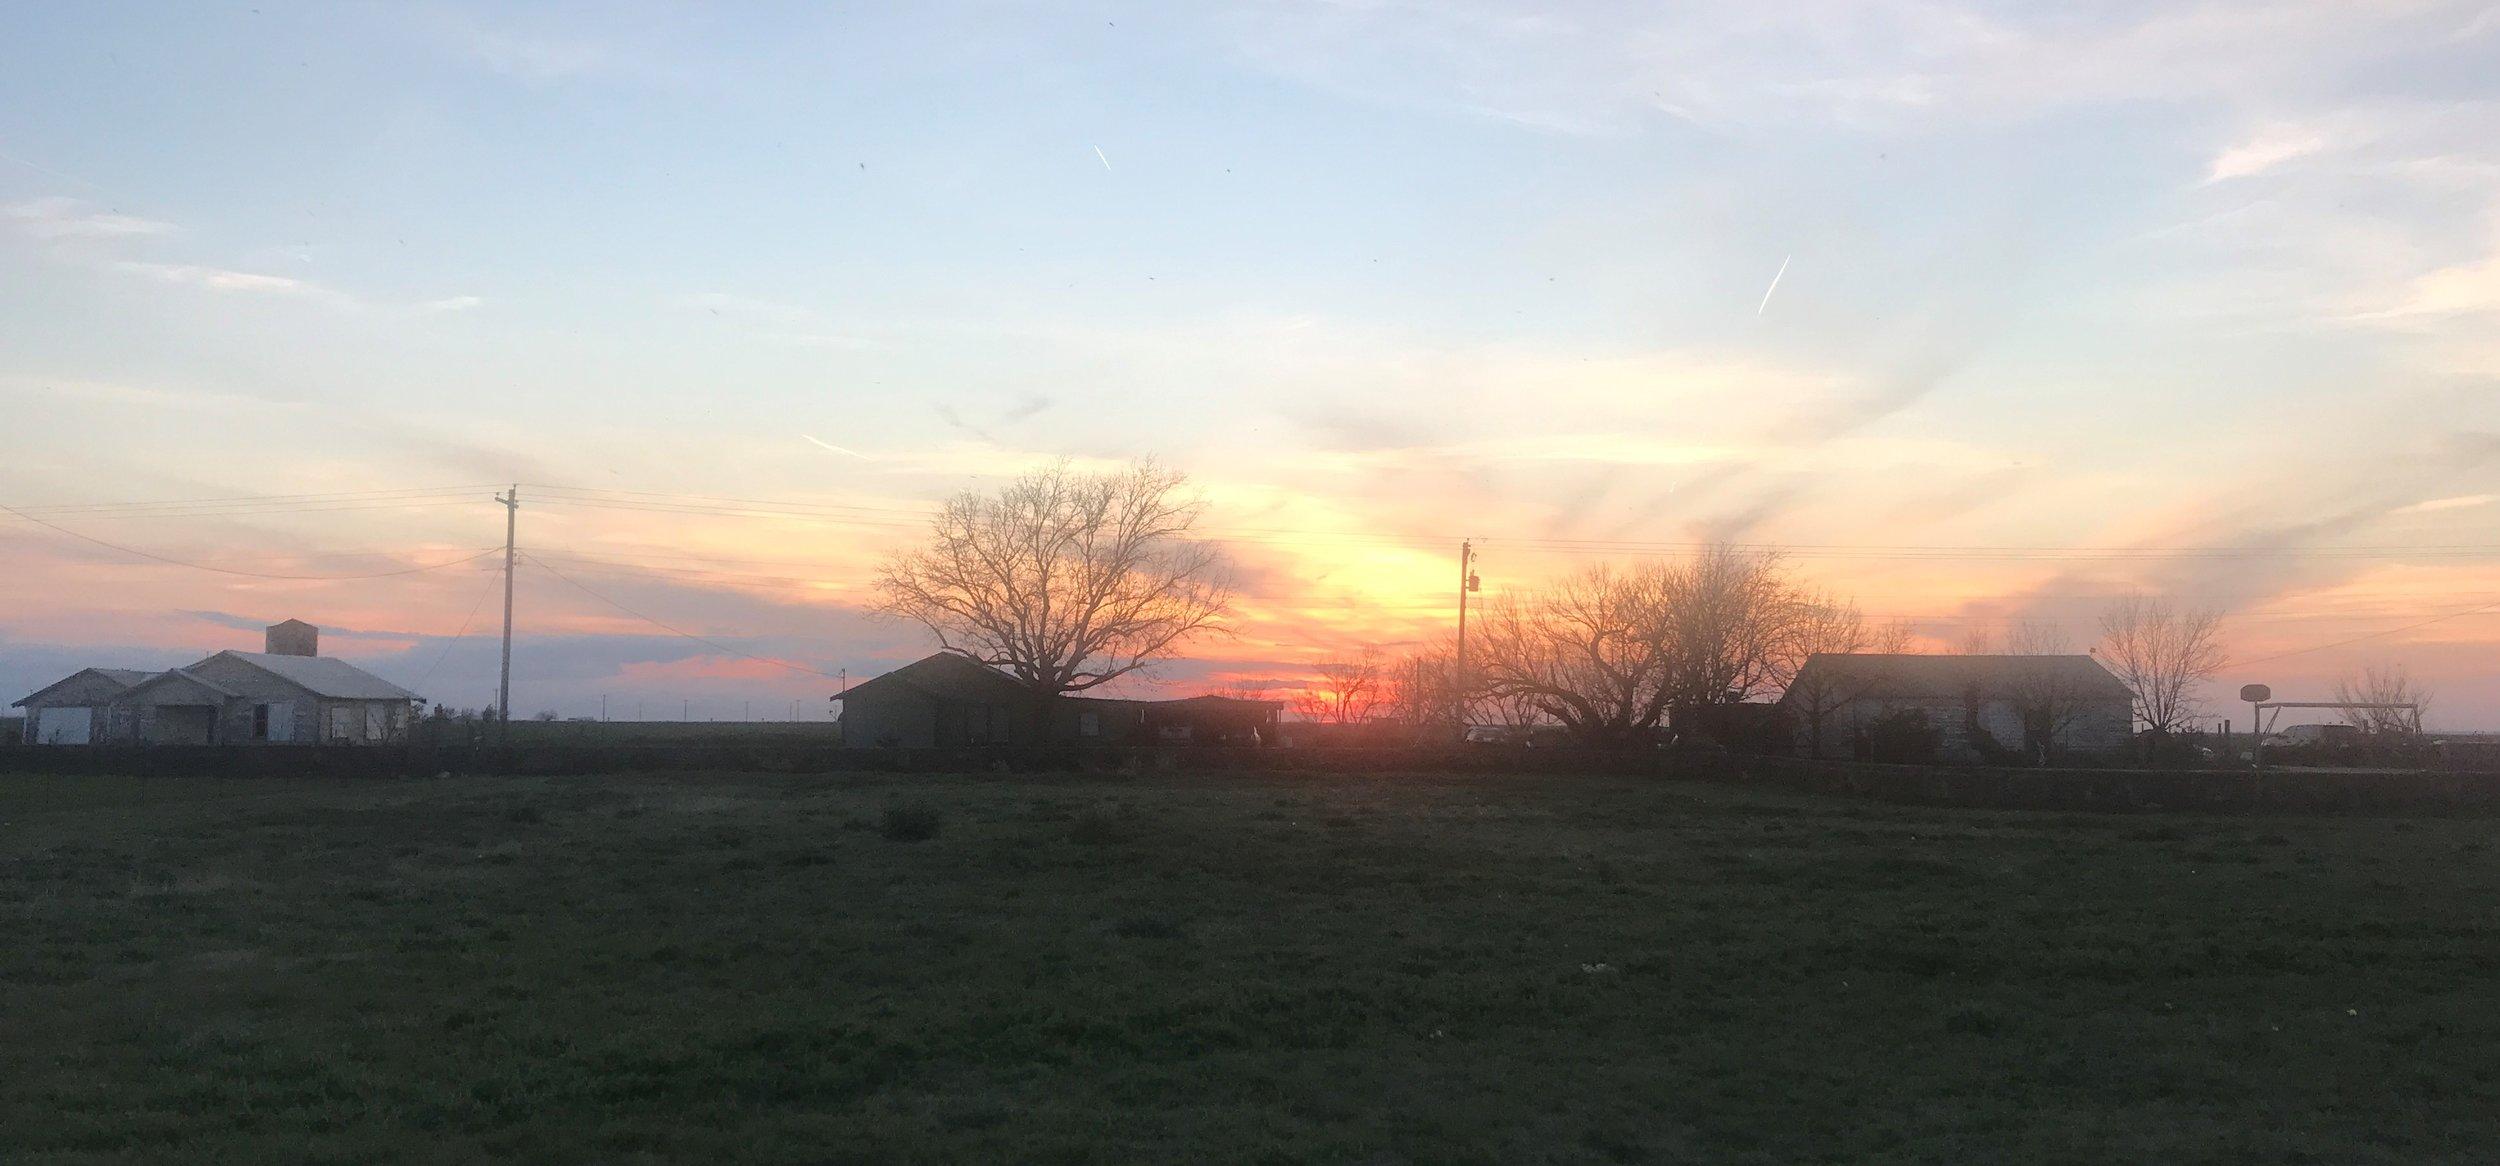 Sunset at Eola